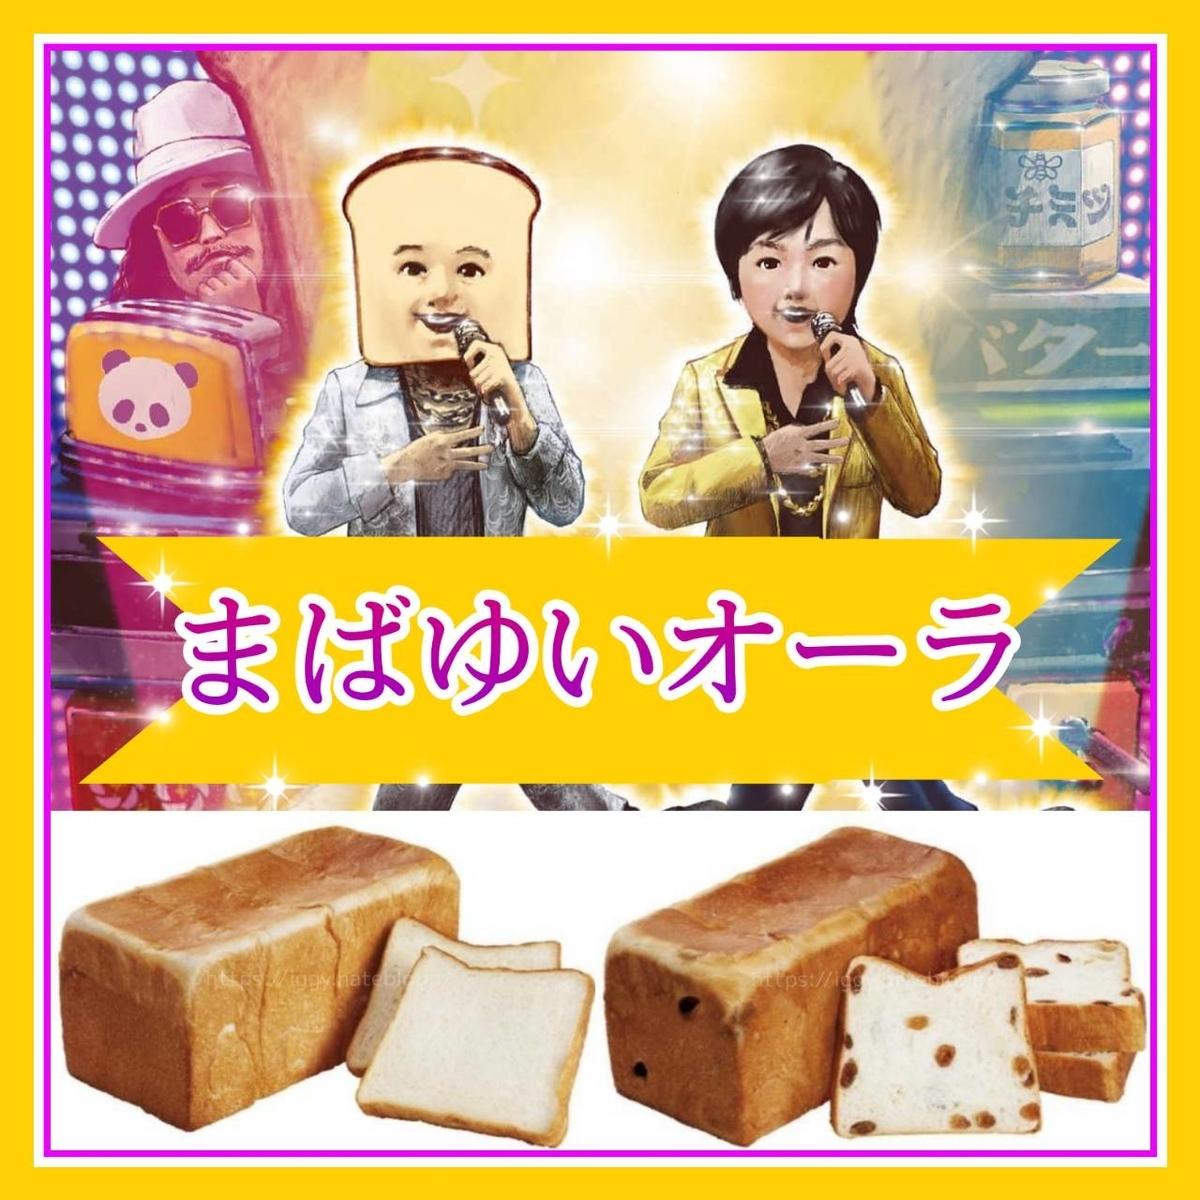 高級食パン専門店『まばゆいオーラ』メニュー 福岡 LIFE